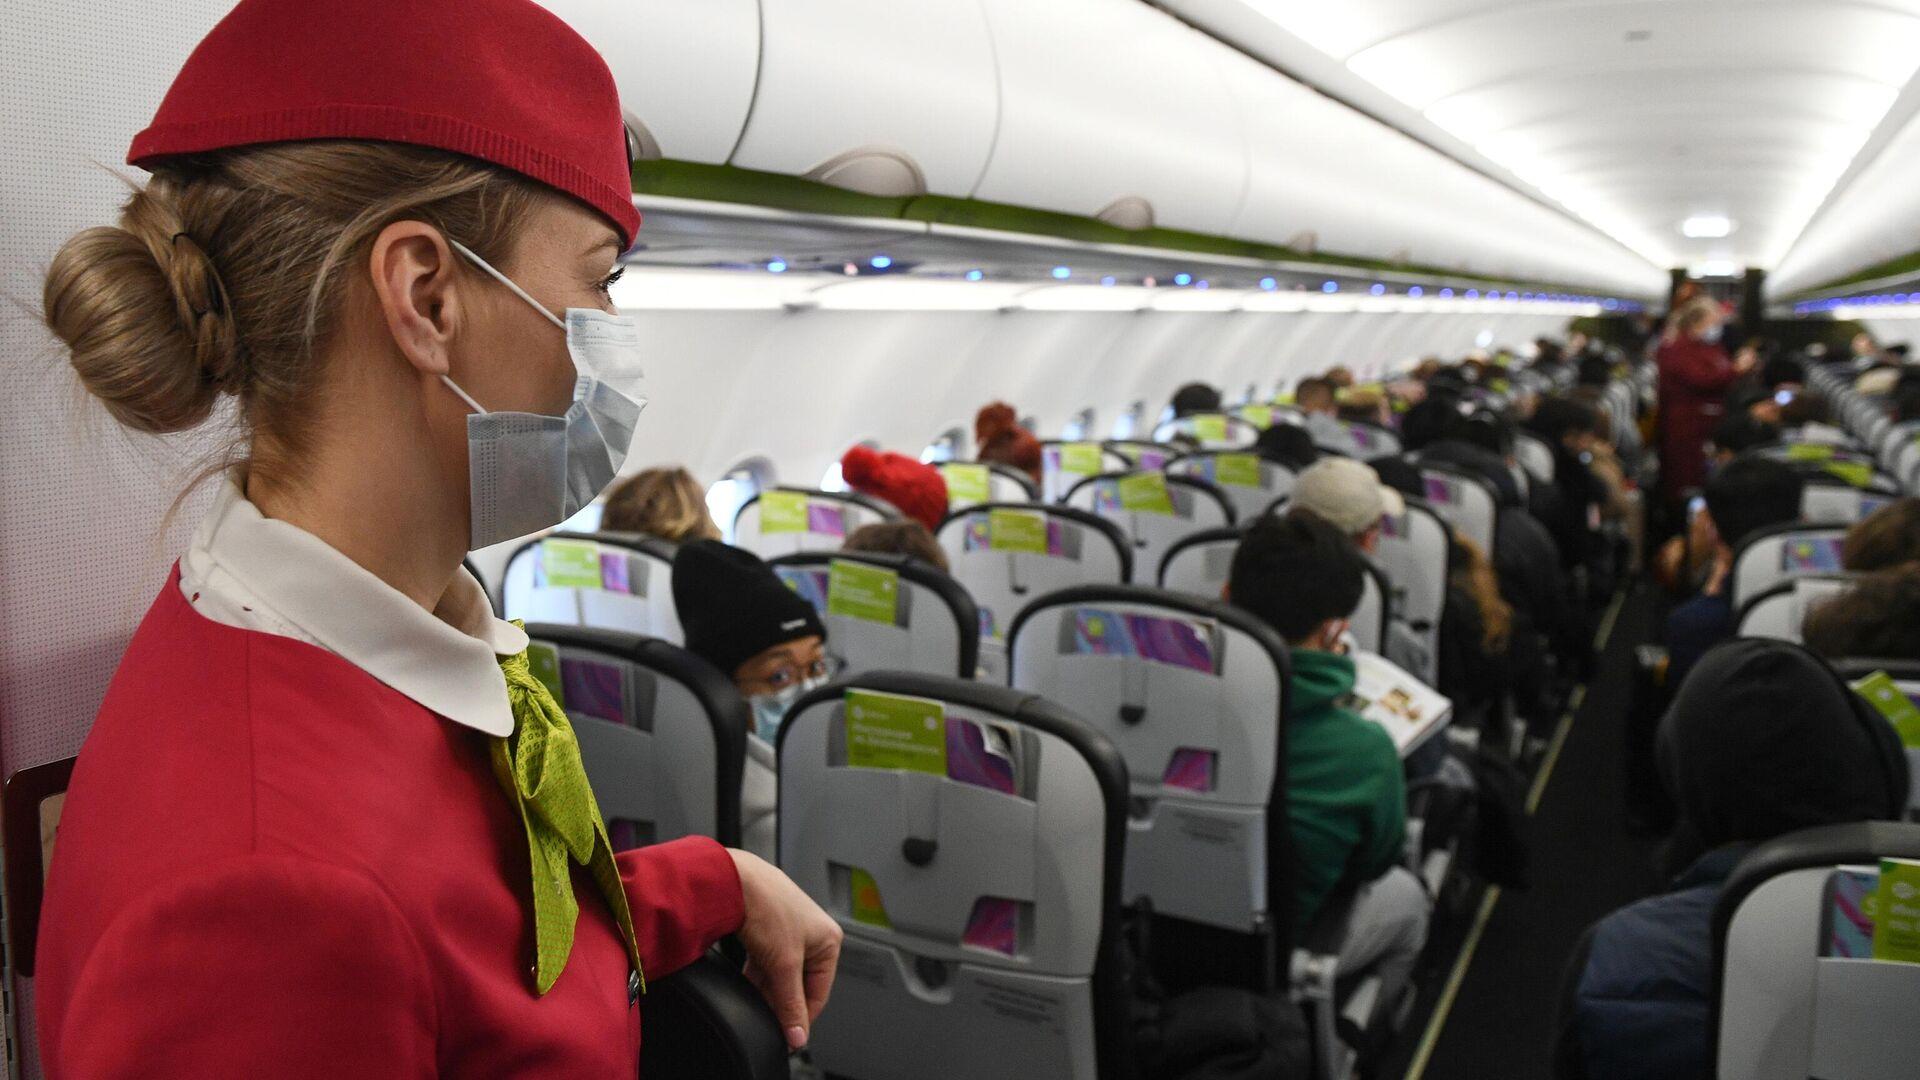 1563999904 0:160:3072:1888 1920x0 80 0 0 73598da8161000d5efeda40706ec2fae - Эксперты оценили вероятность заразиться коронавирусом в самолете